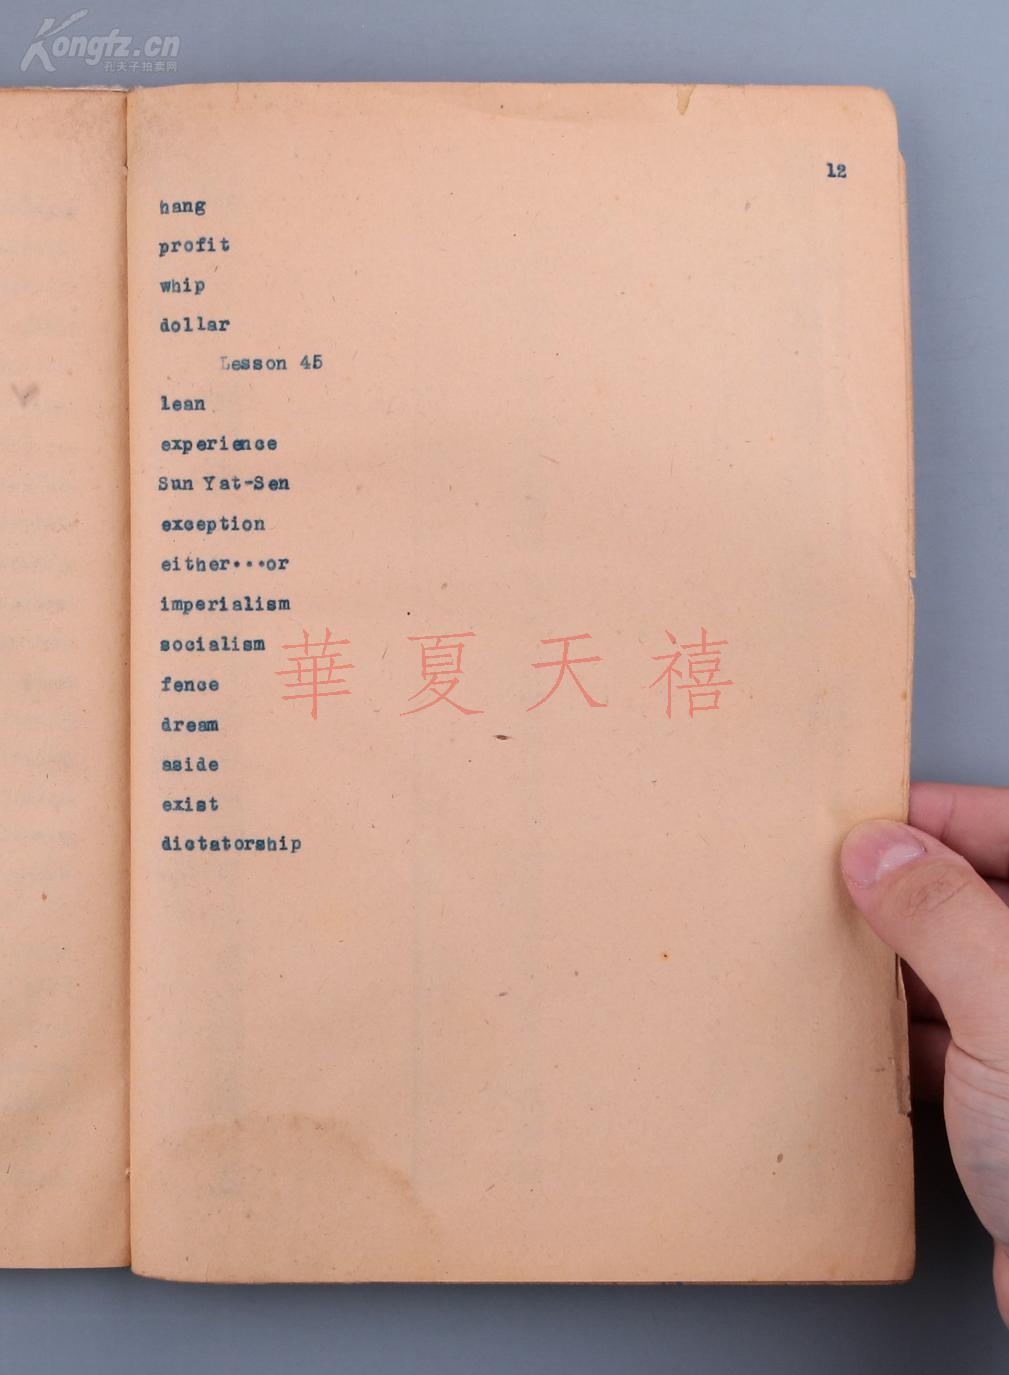 著名教育家、文字学家、历史学家林汉达195报好哪个数学初中图片